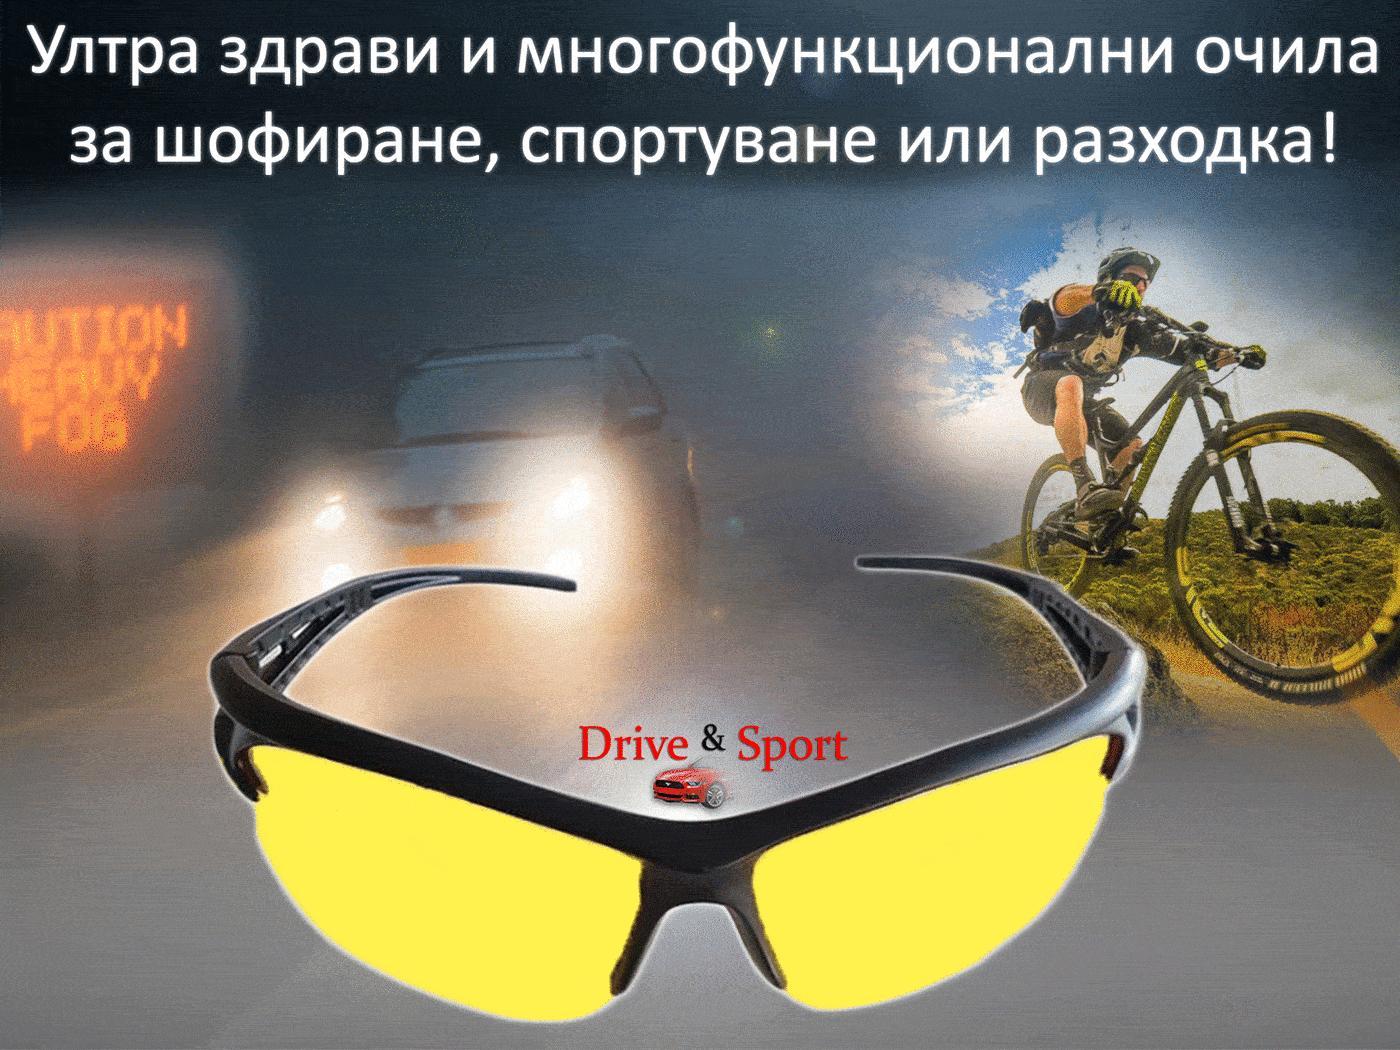 Нечупливи очила за шофиране